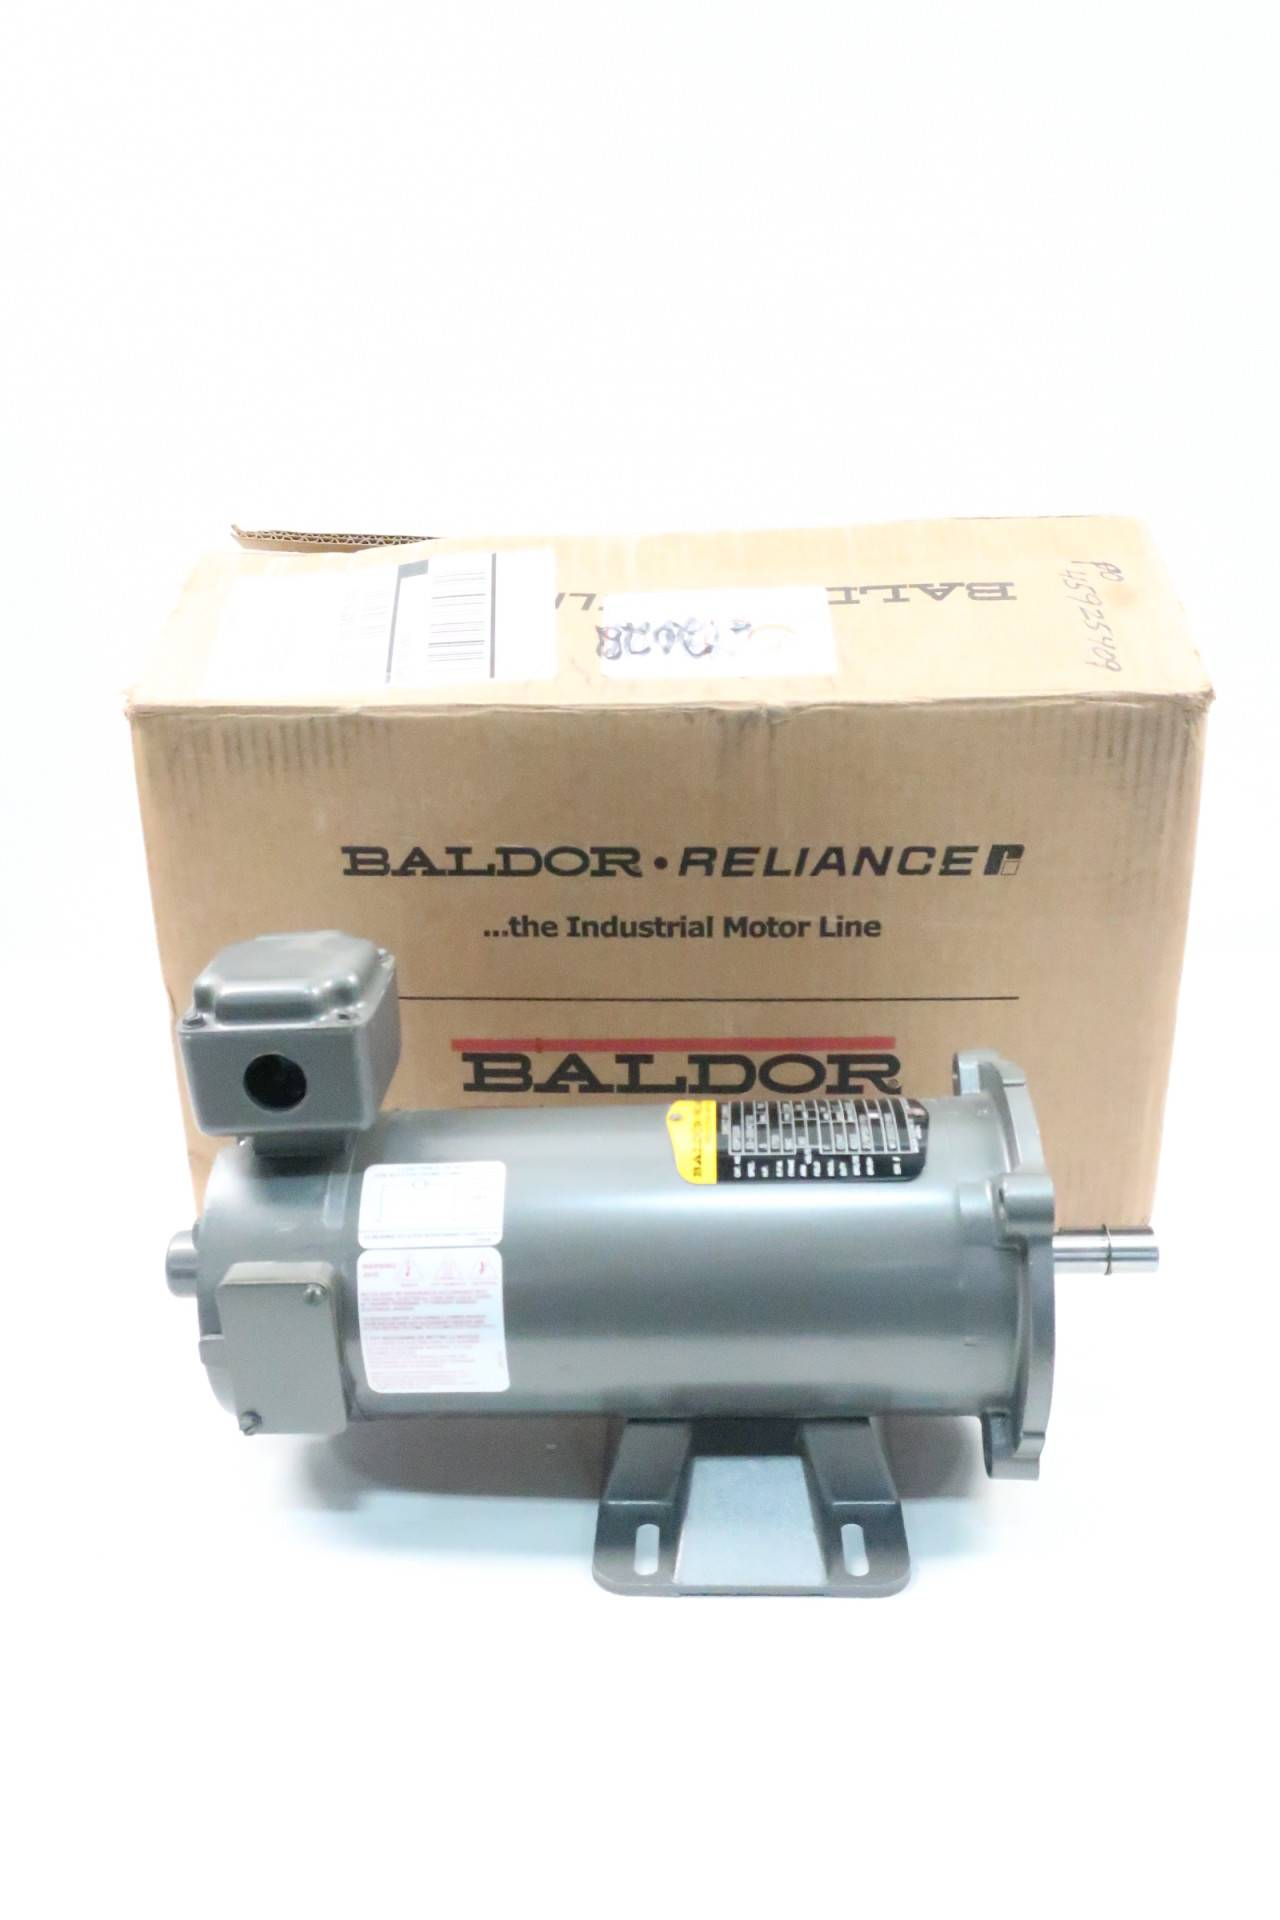 Baldor CDP3330 DC Motor 90v 1750 RPM 56c Frame for sale online